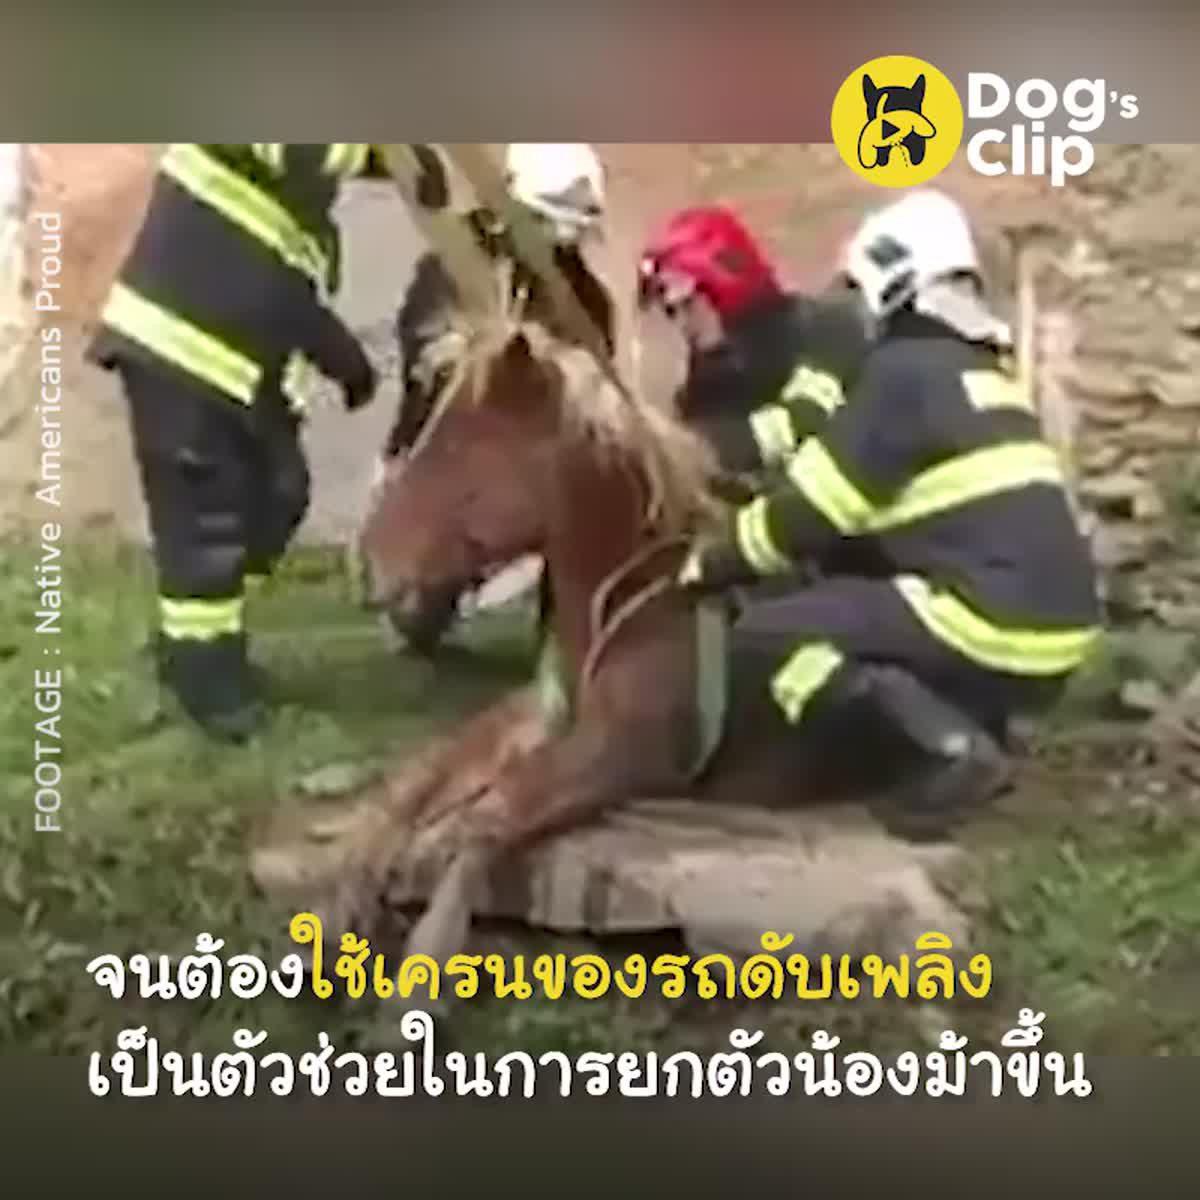 ทีมดับเพลิงเร่งช่วยเหลือม้าพลัดตกท่อระบายน้ำเสีย